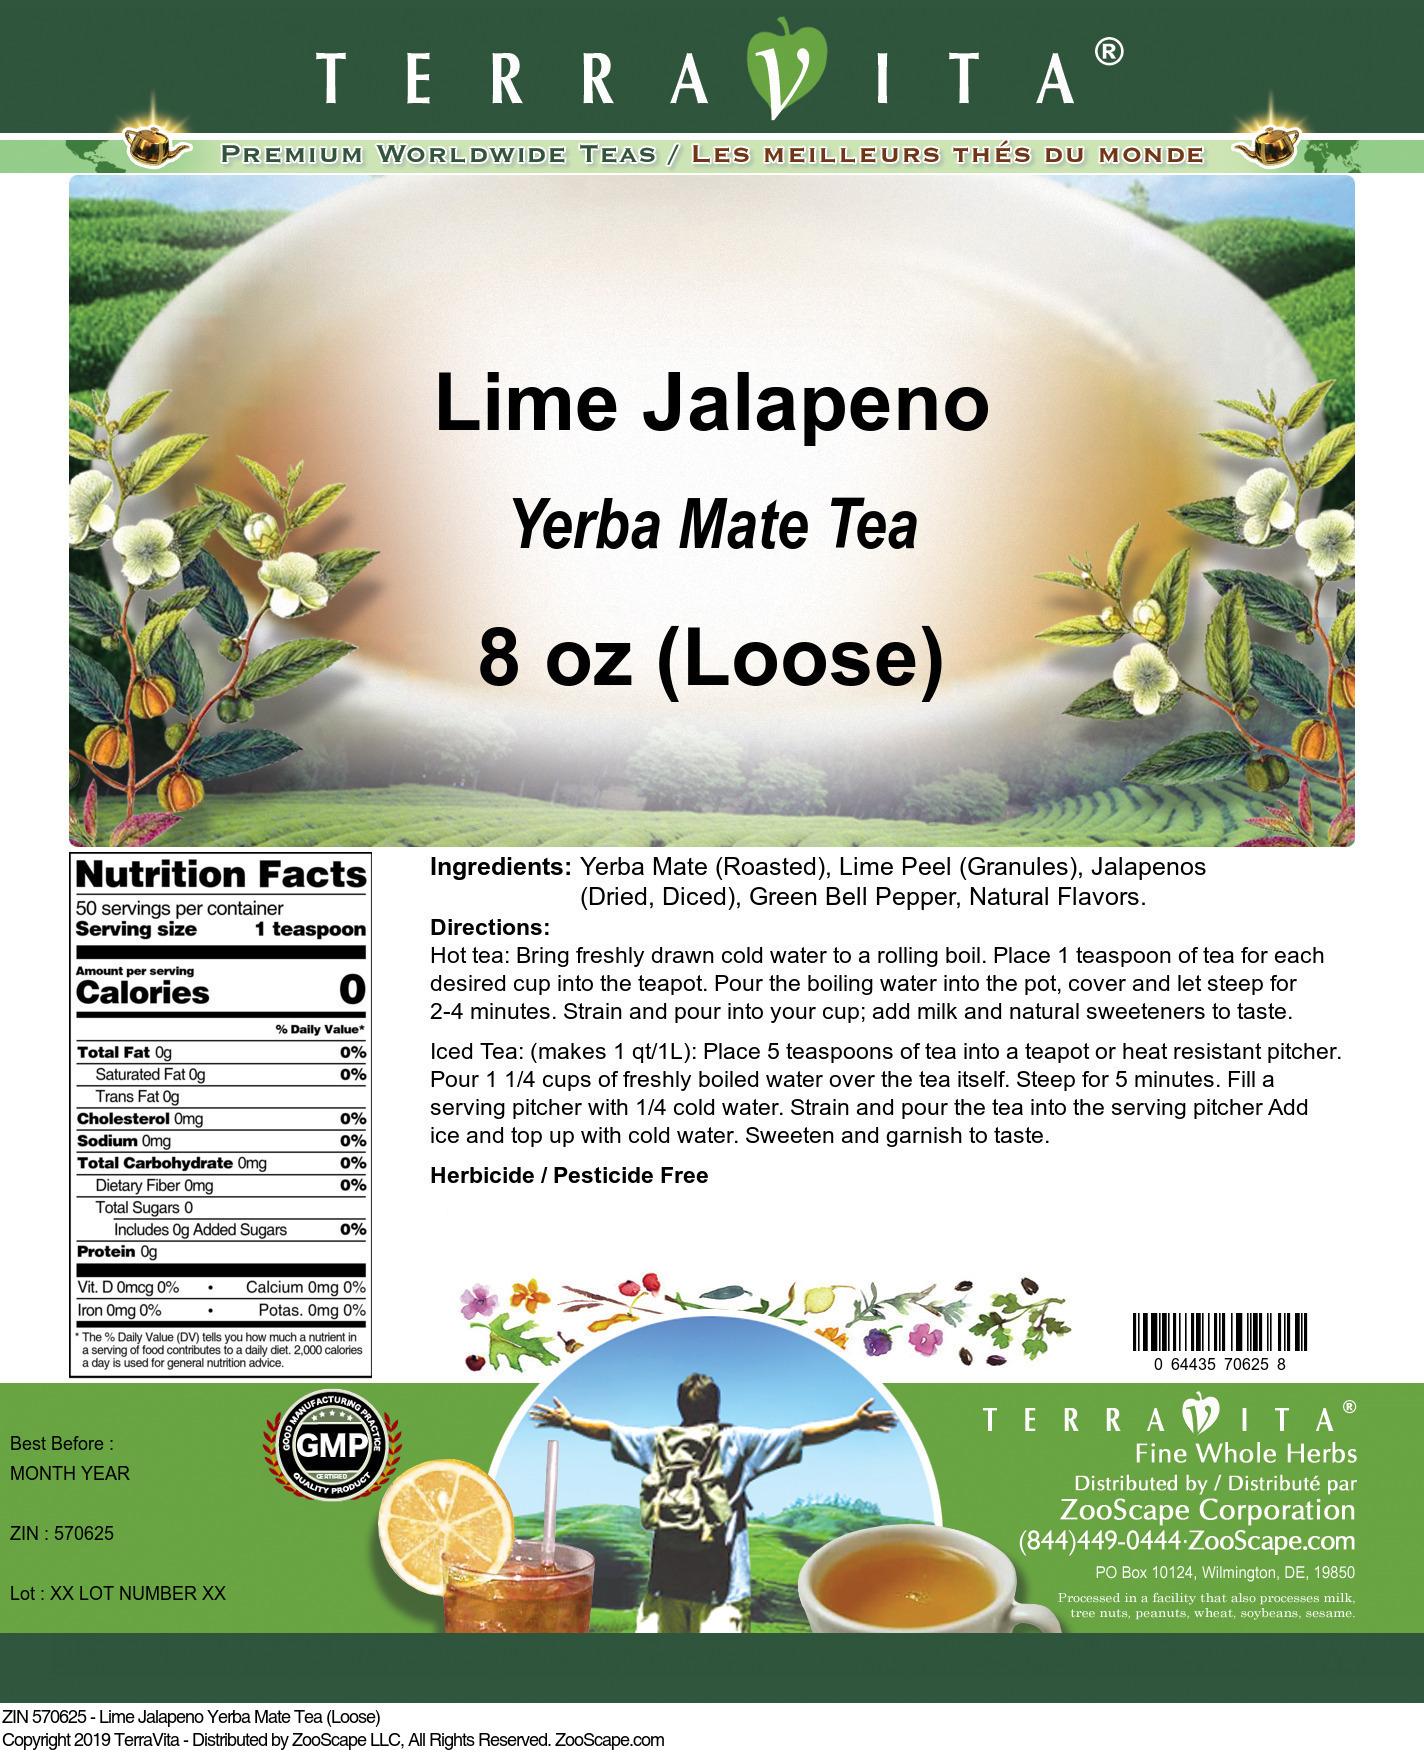 Lime Jalapeno Yerba Mate